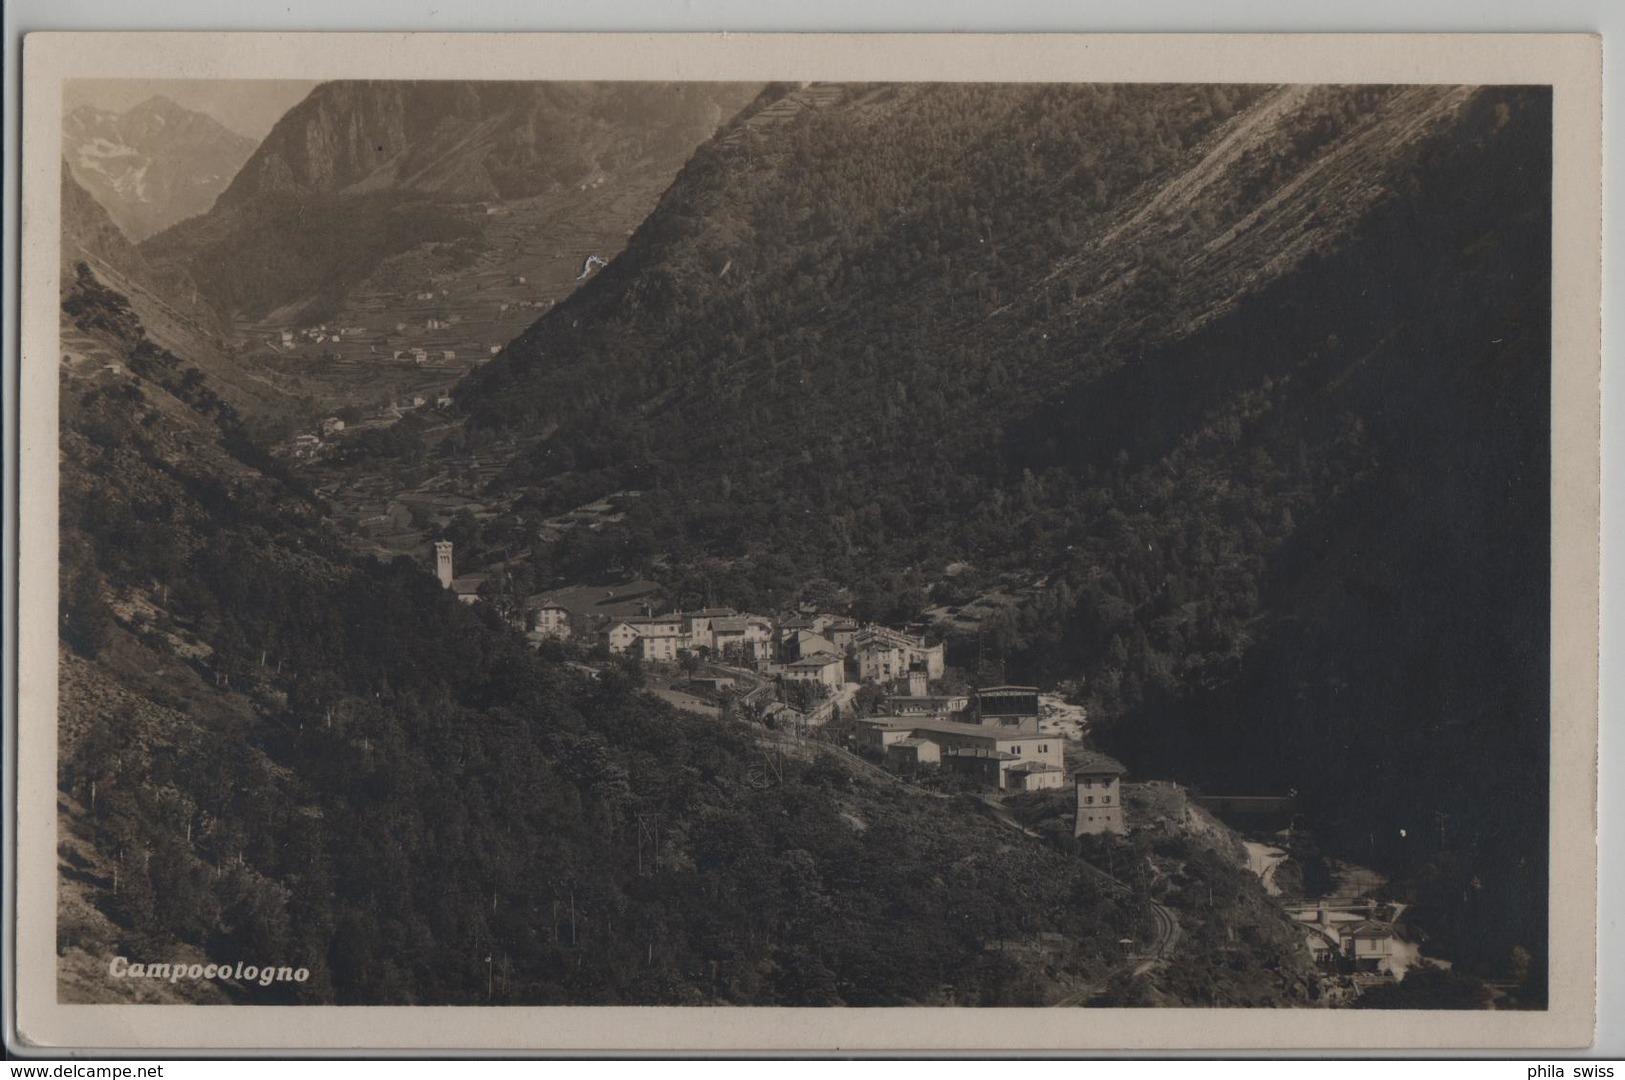 Campocologno - Vue Generale - Photo: L. Pool - GR Grisons